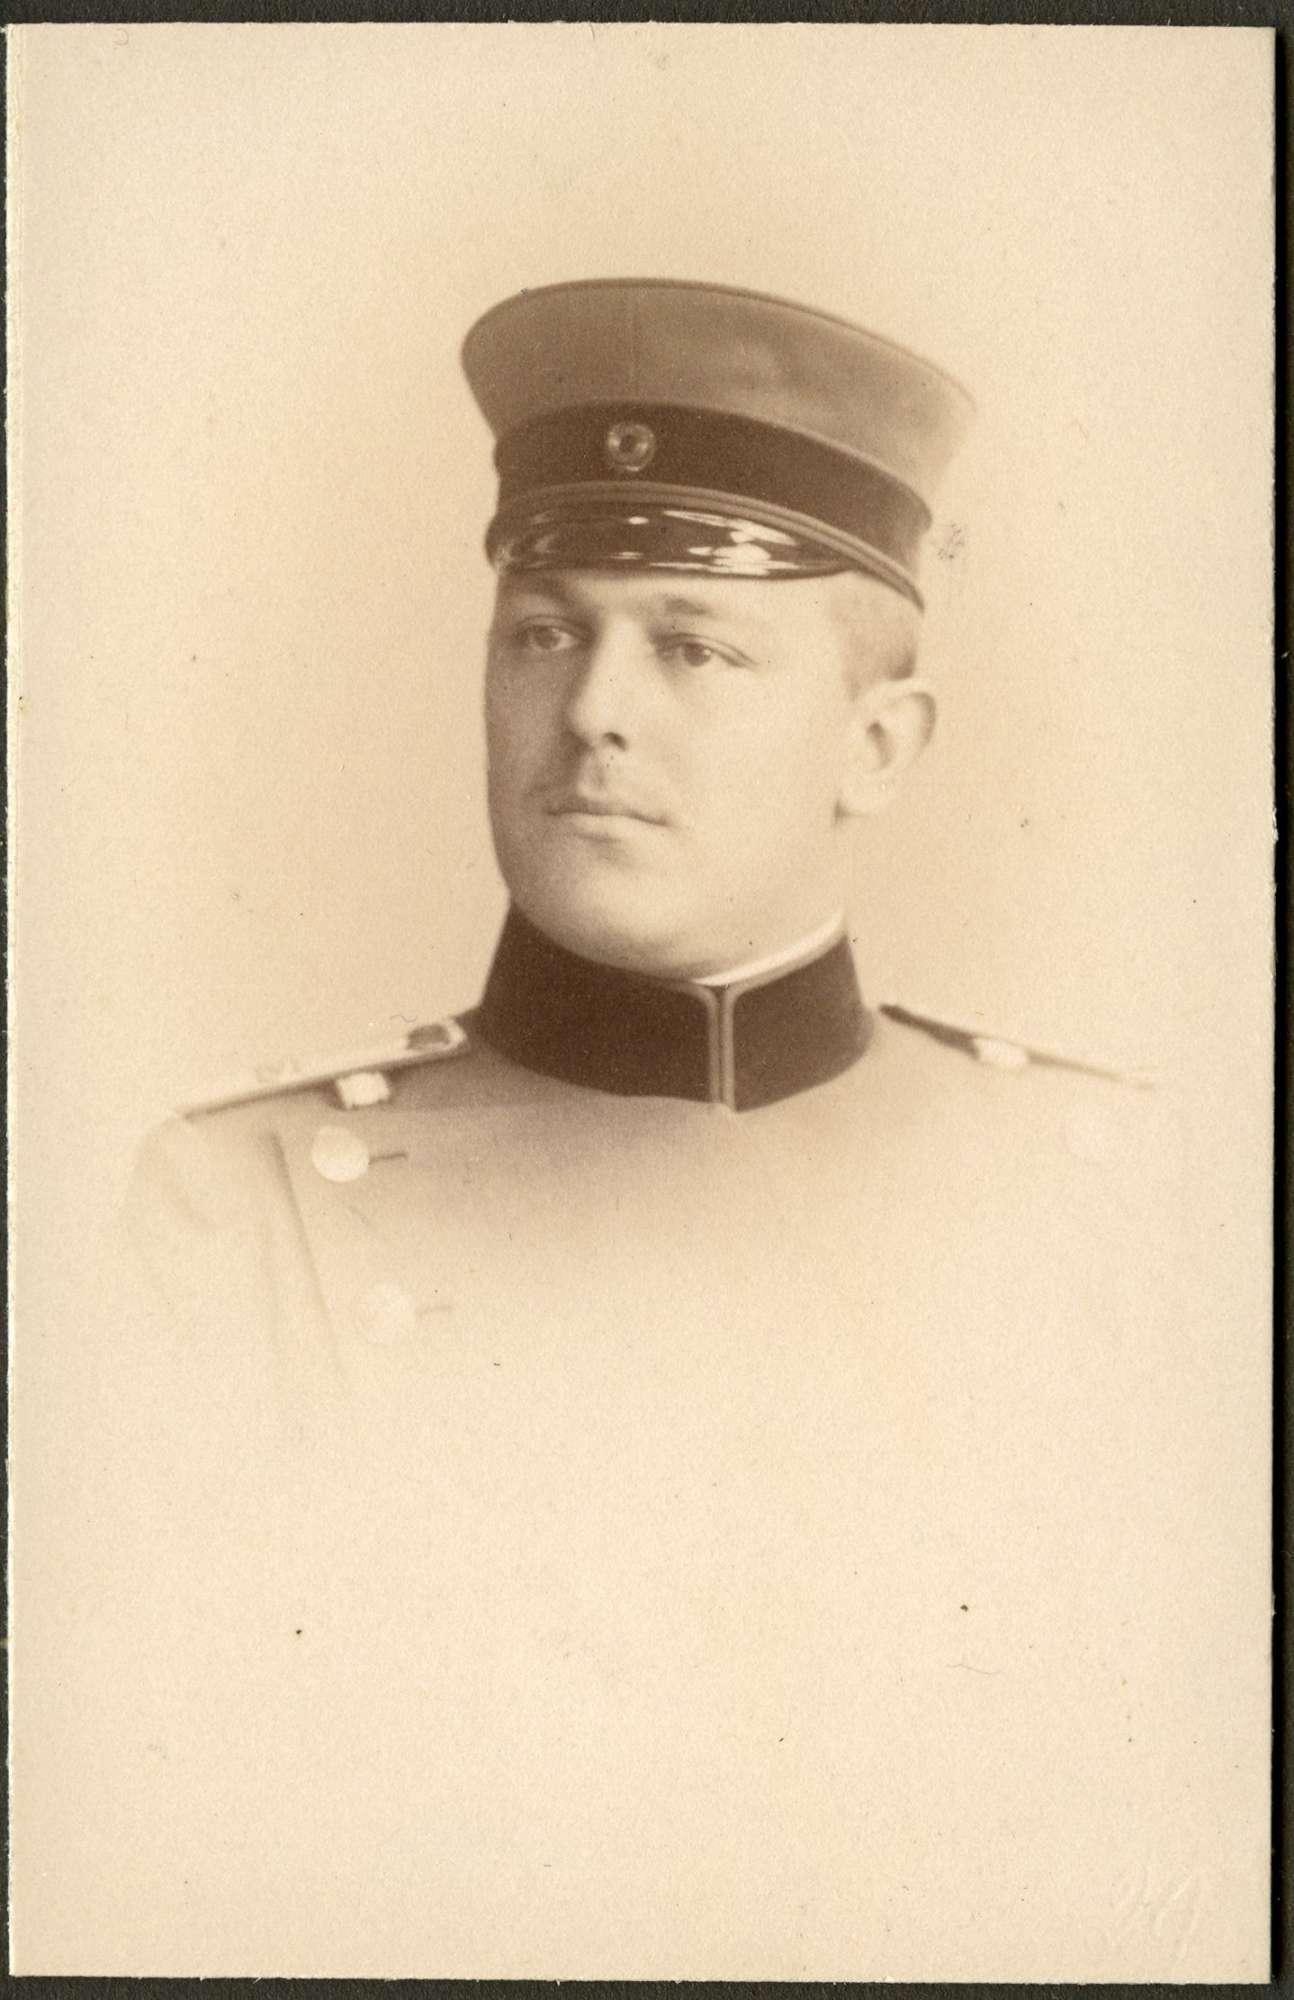 Normann-Ehrenfels, Karl von, Graf, Bild 1